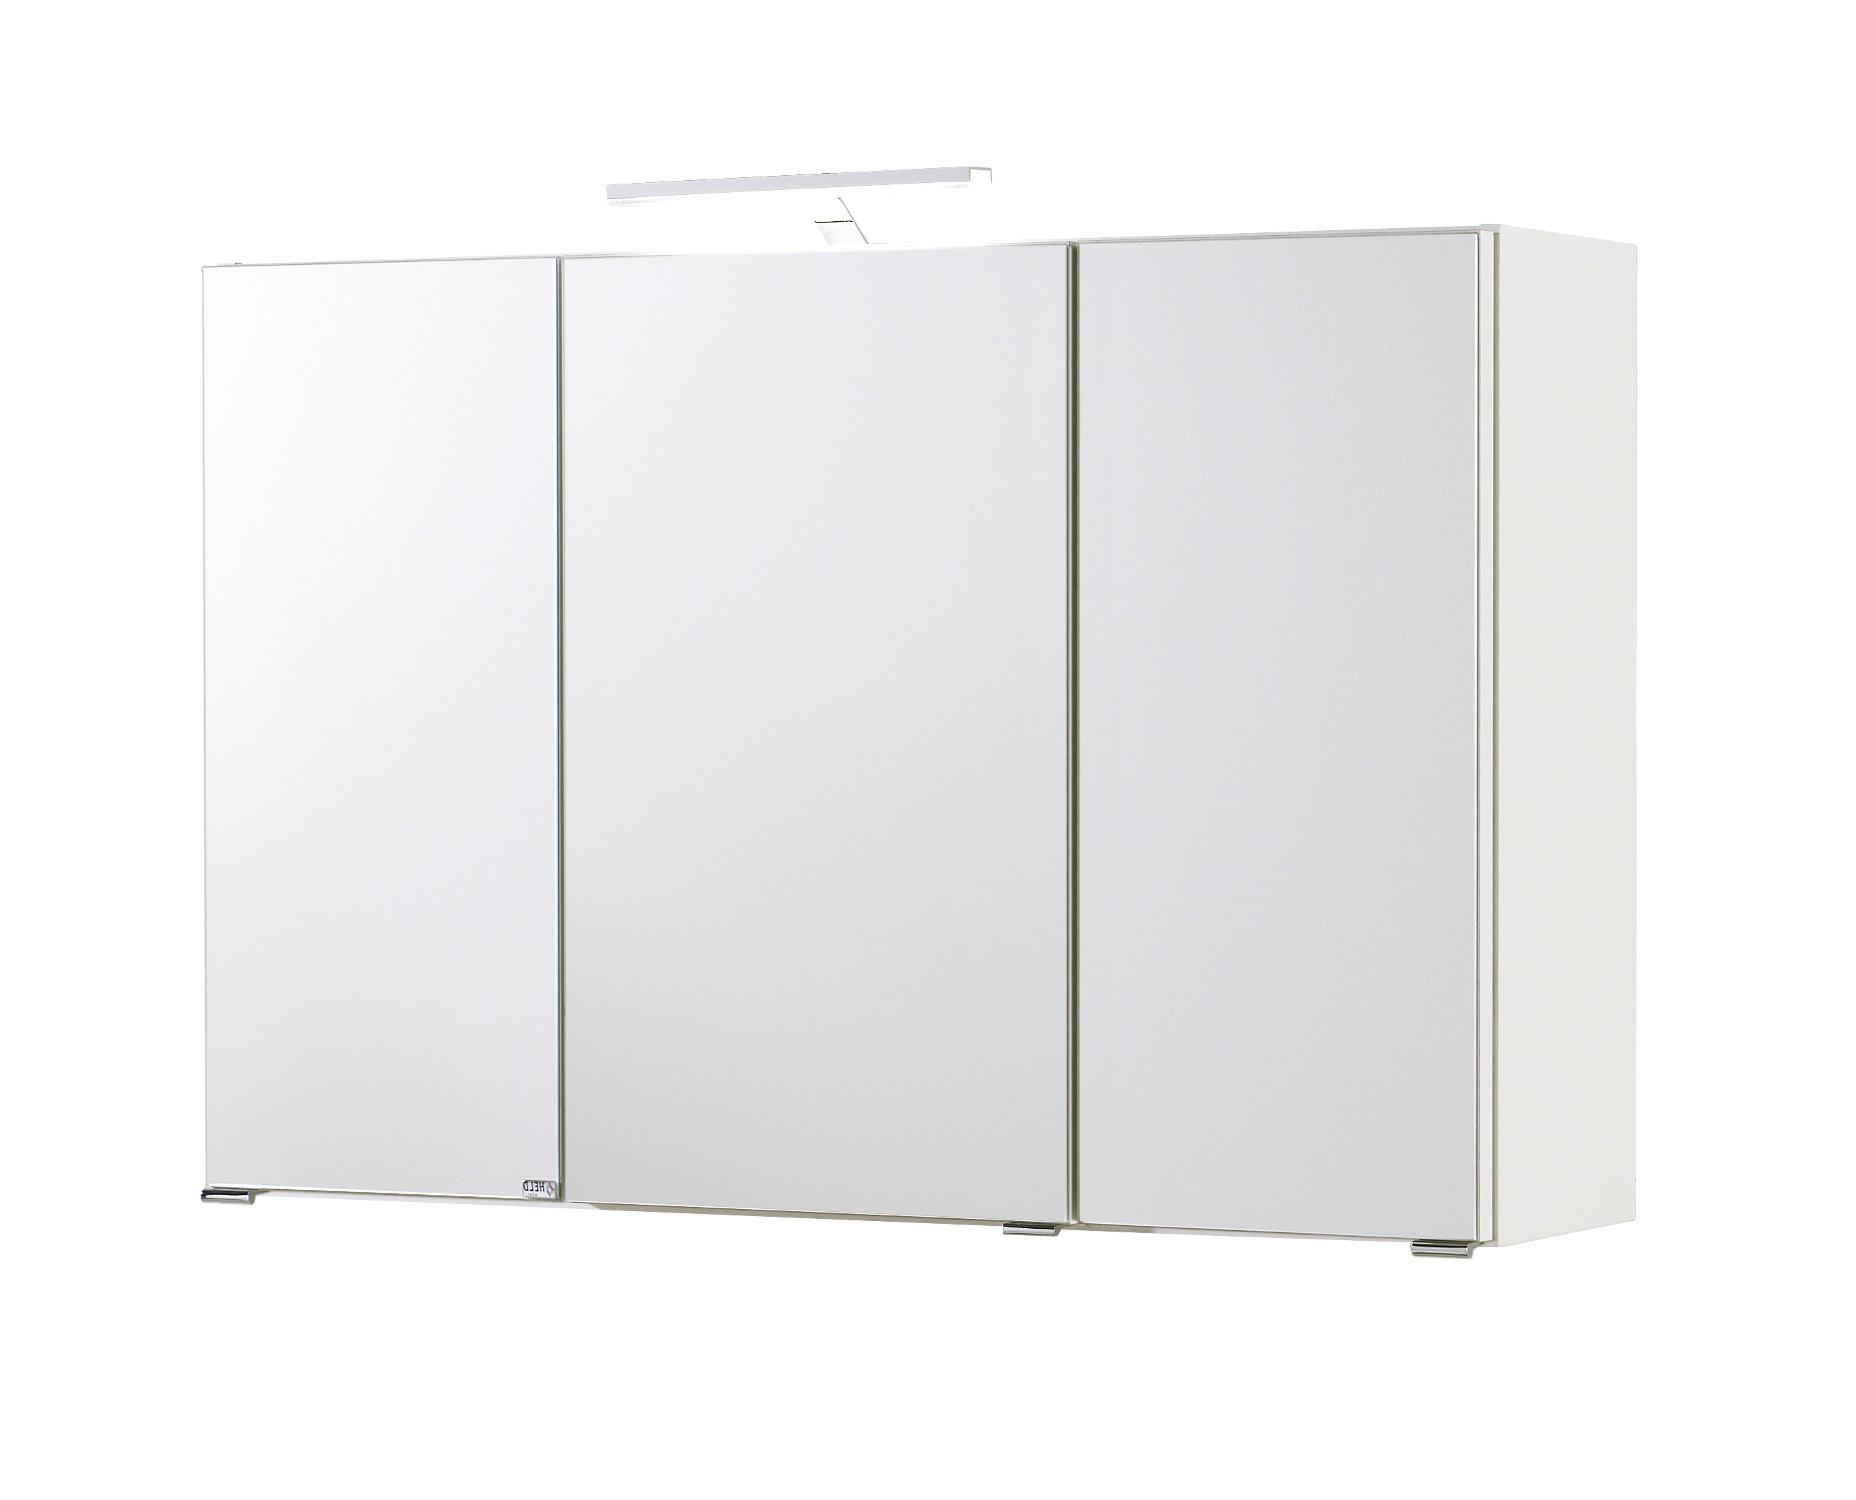 Neu badezimmerspiegel spiegelschrank mit 3 t ren 3d badspiegel 100cm weiss ebay - Spiegelschrank 3 turen ...